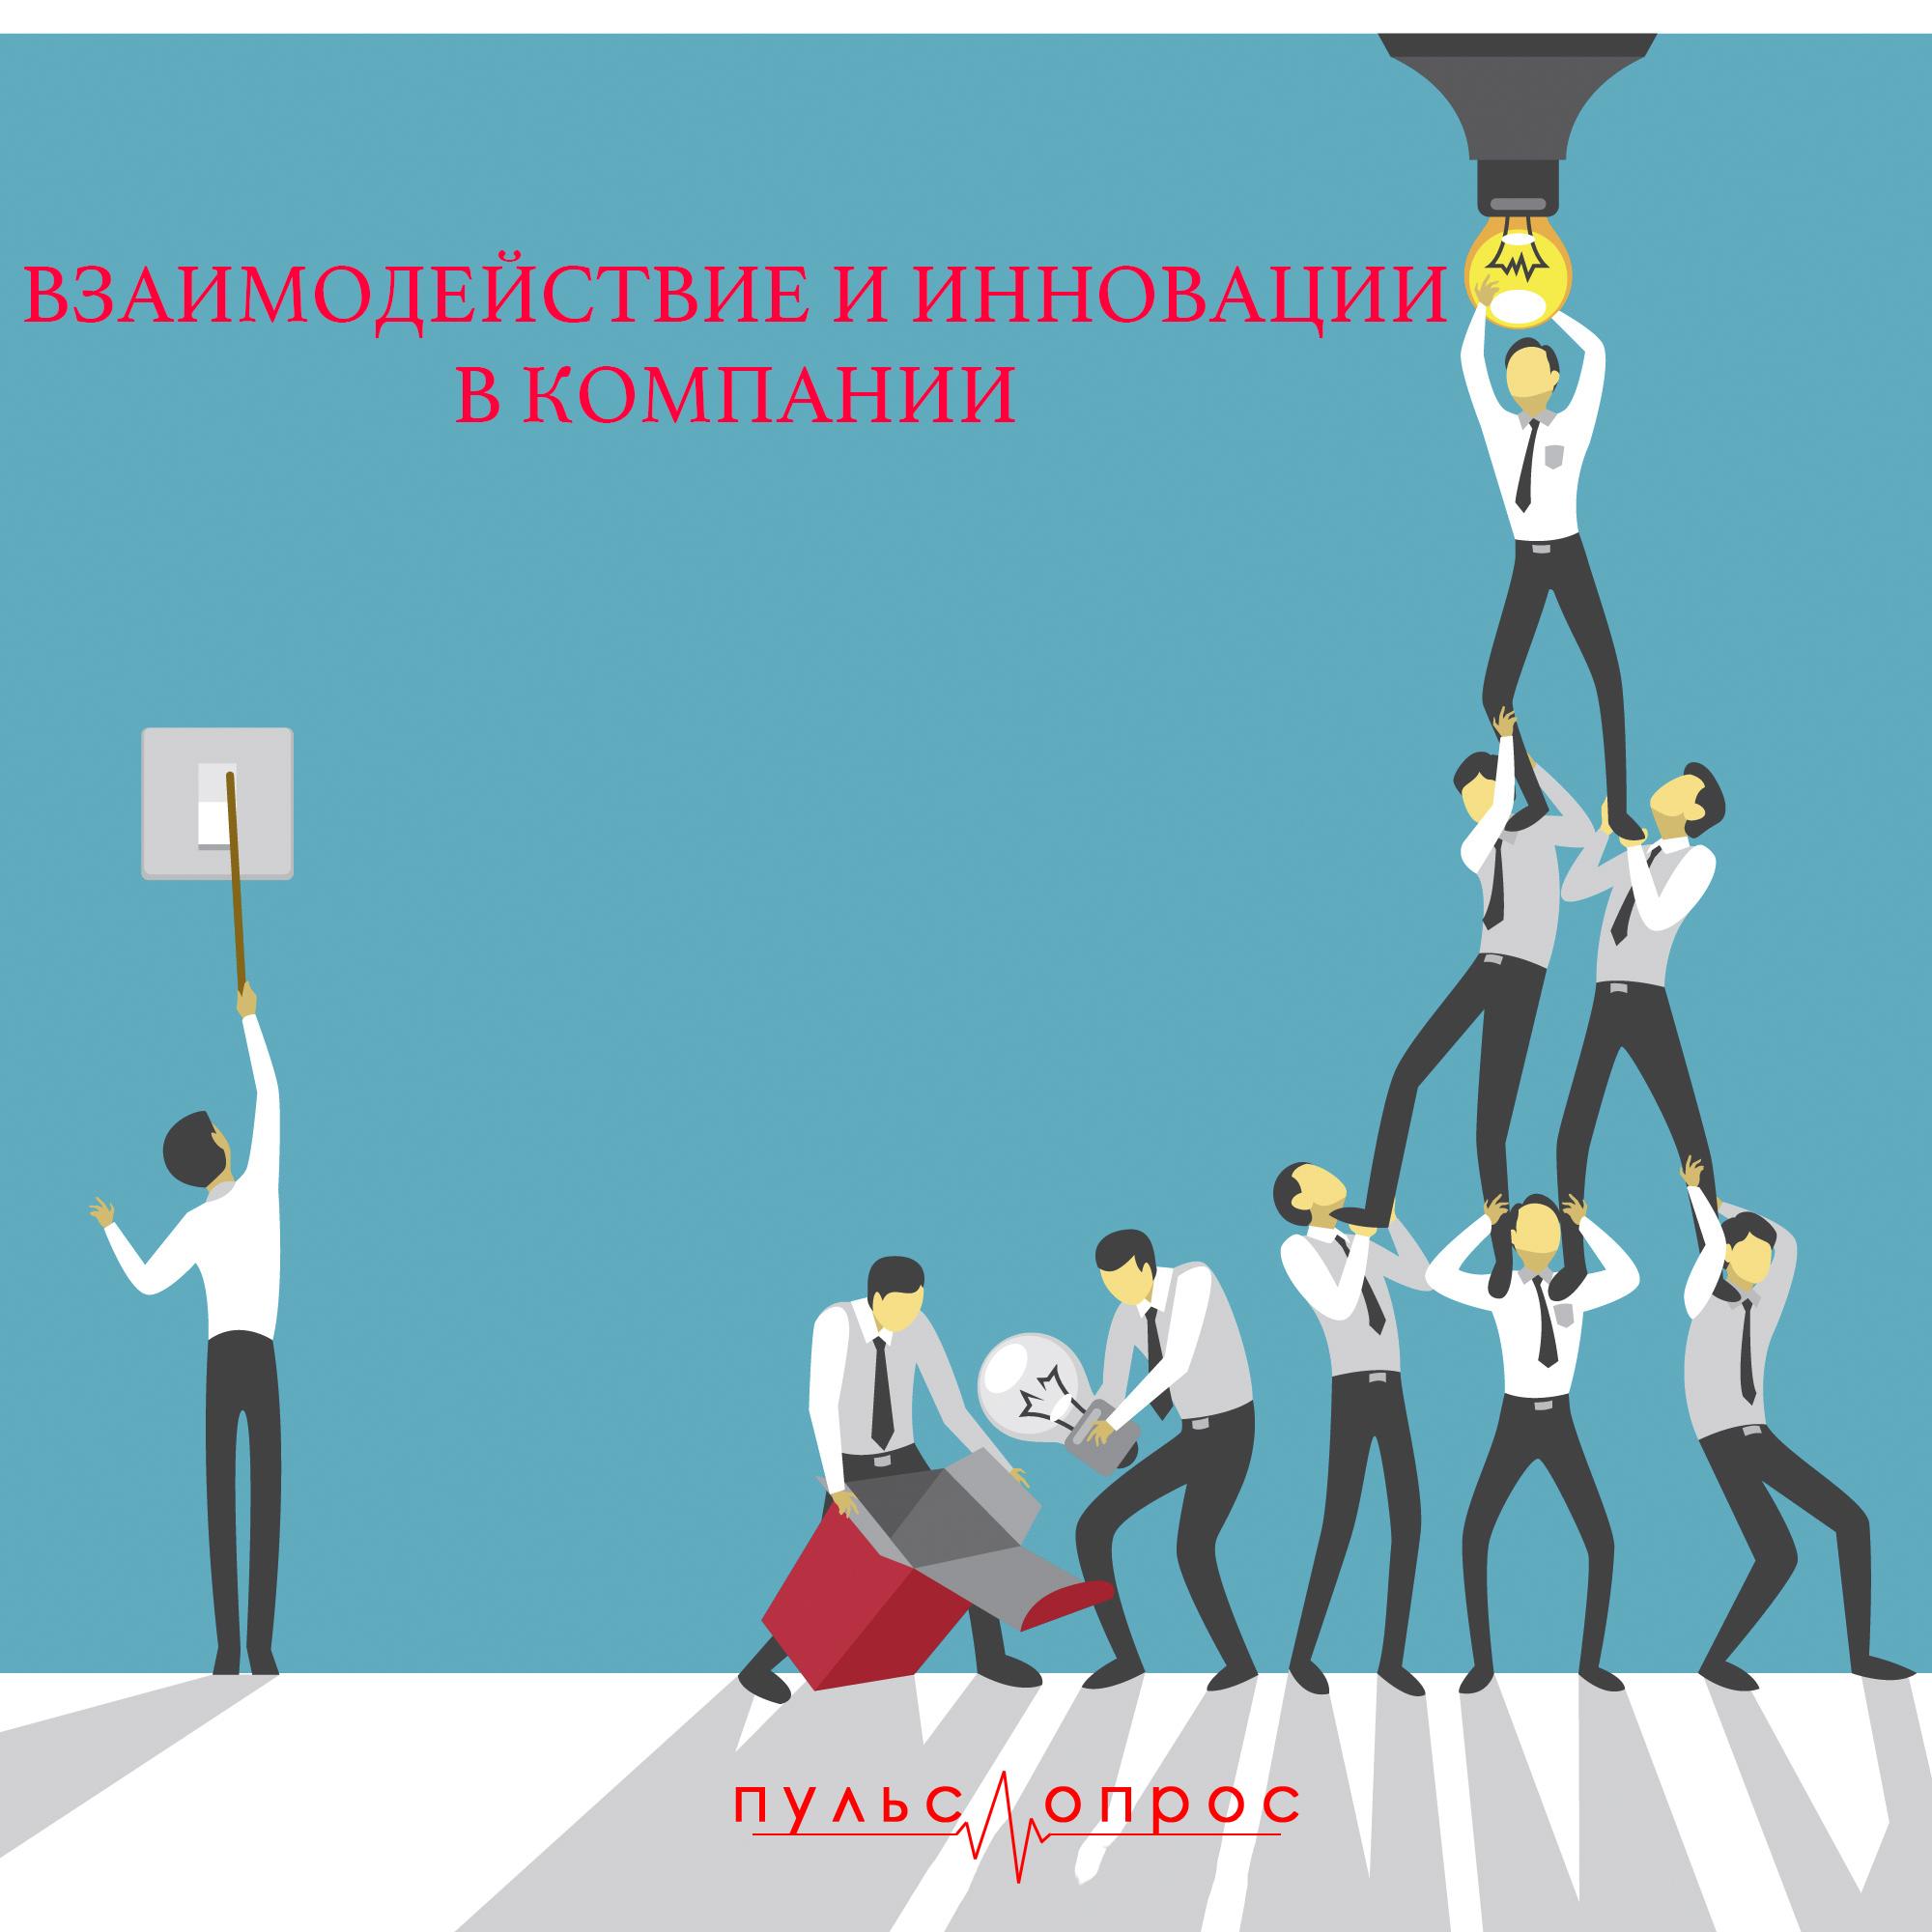 Взаимодействие и инновации в компании